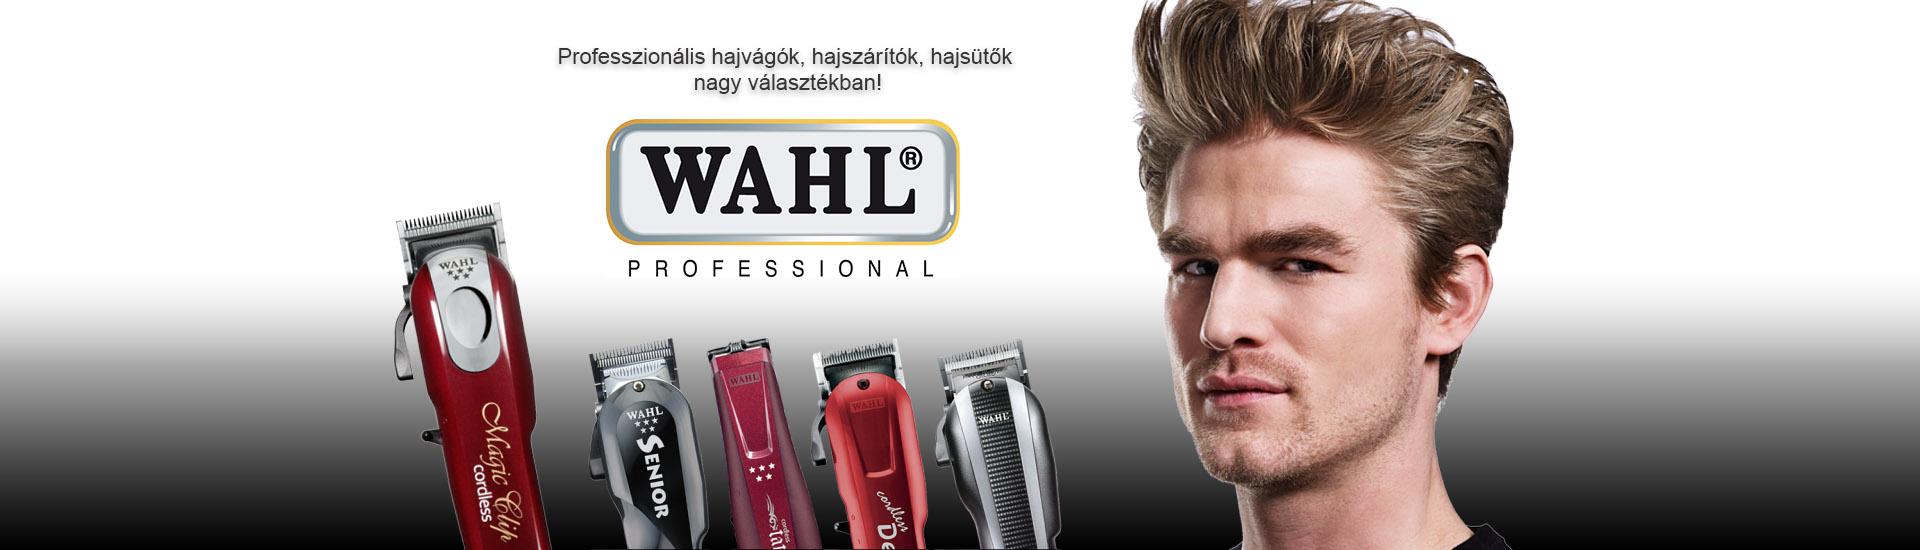 wahl_slider